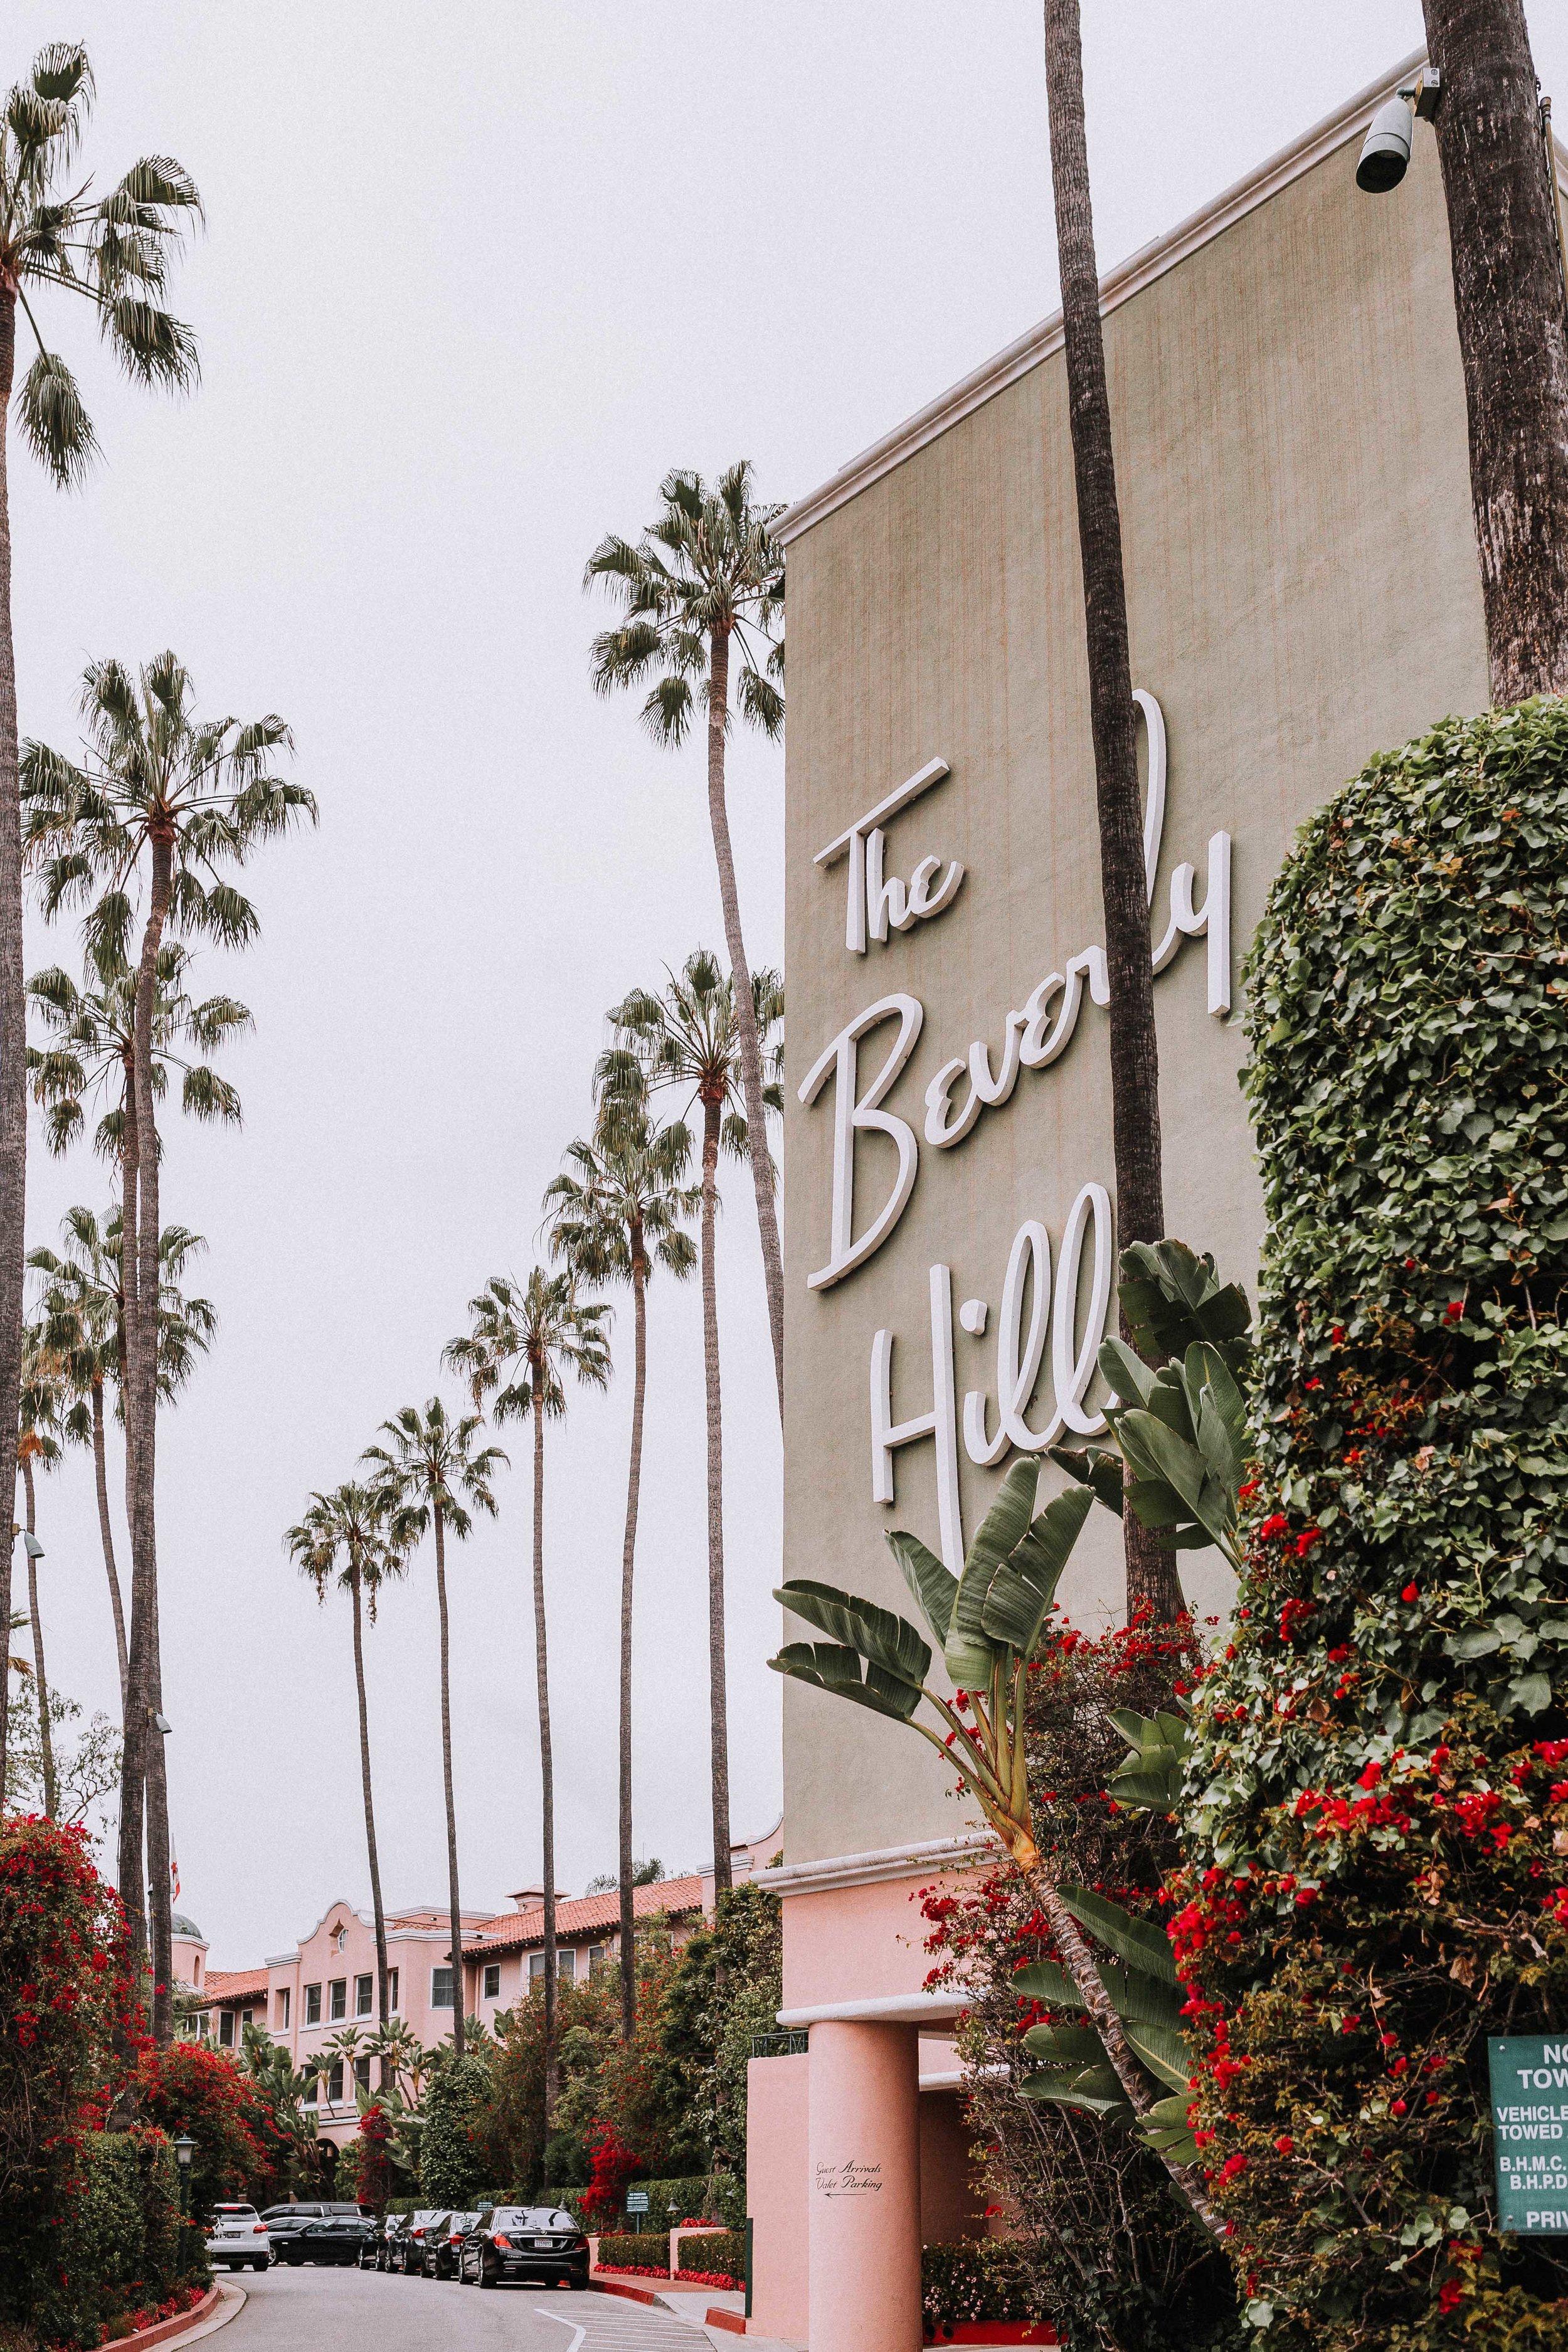 L.A. in 2 Days